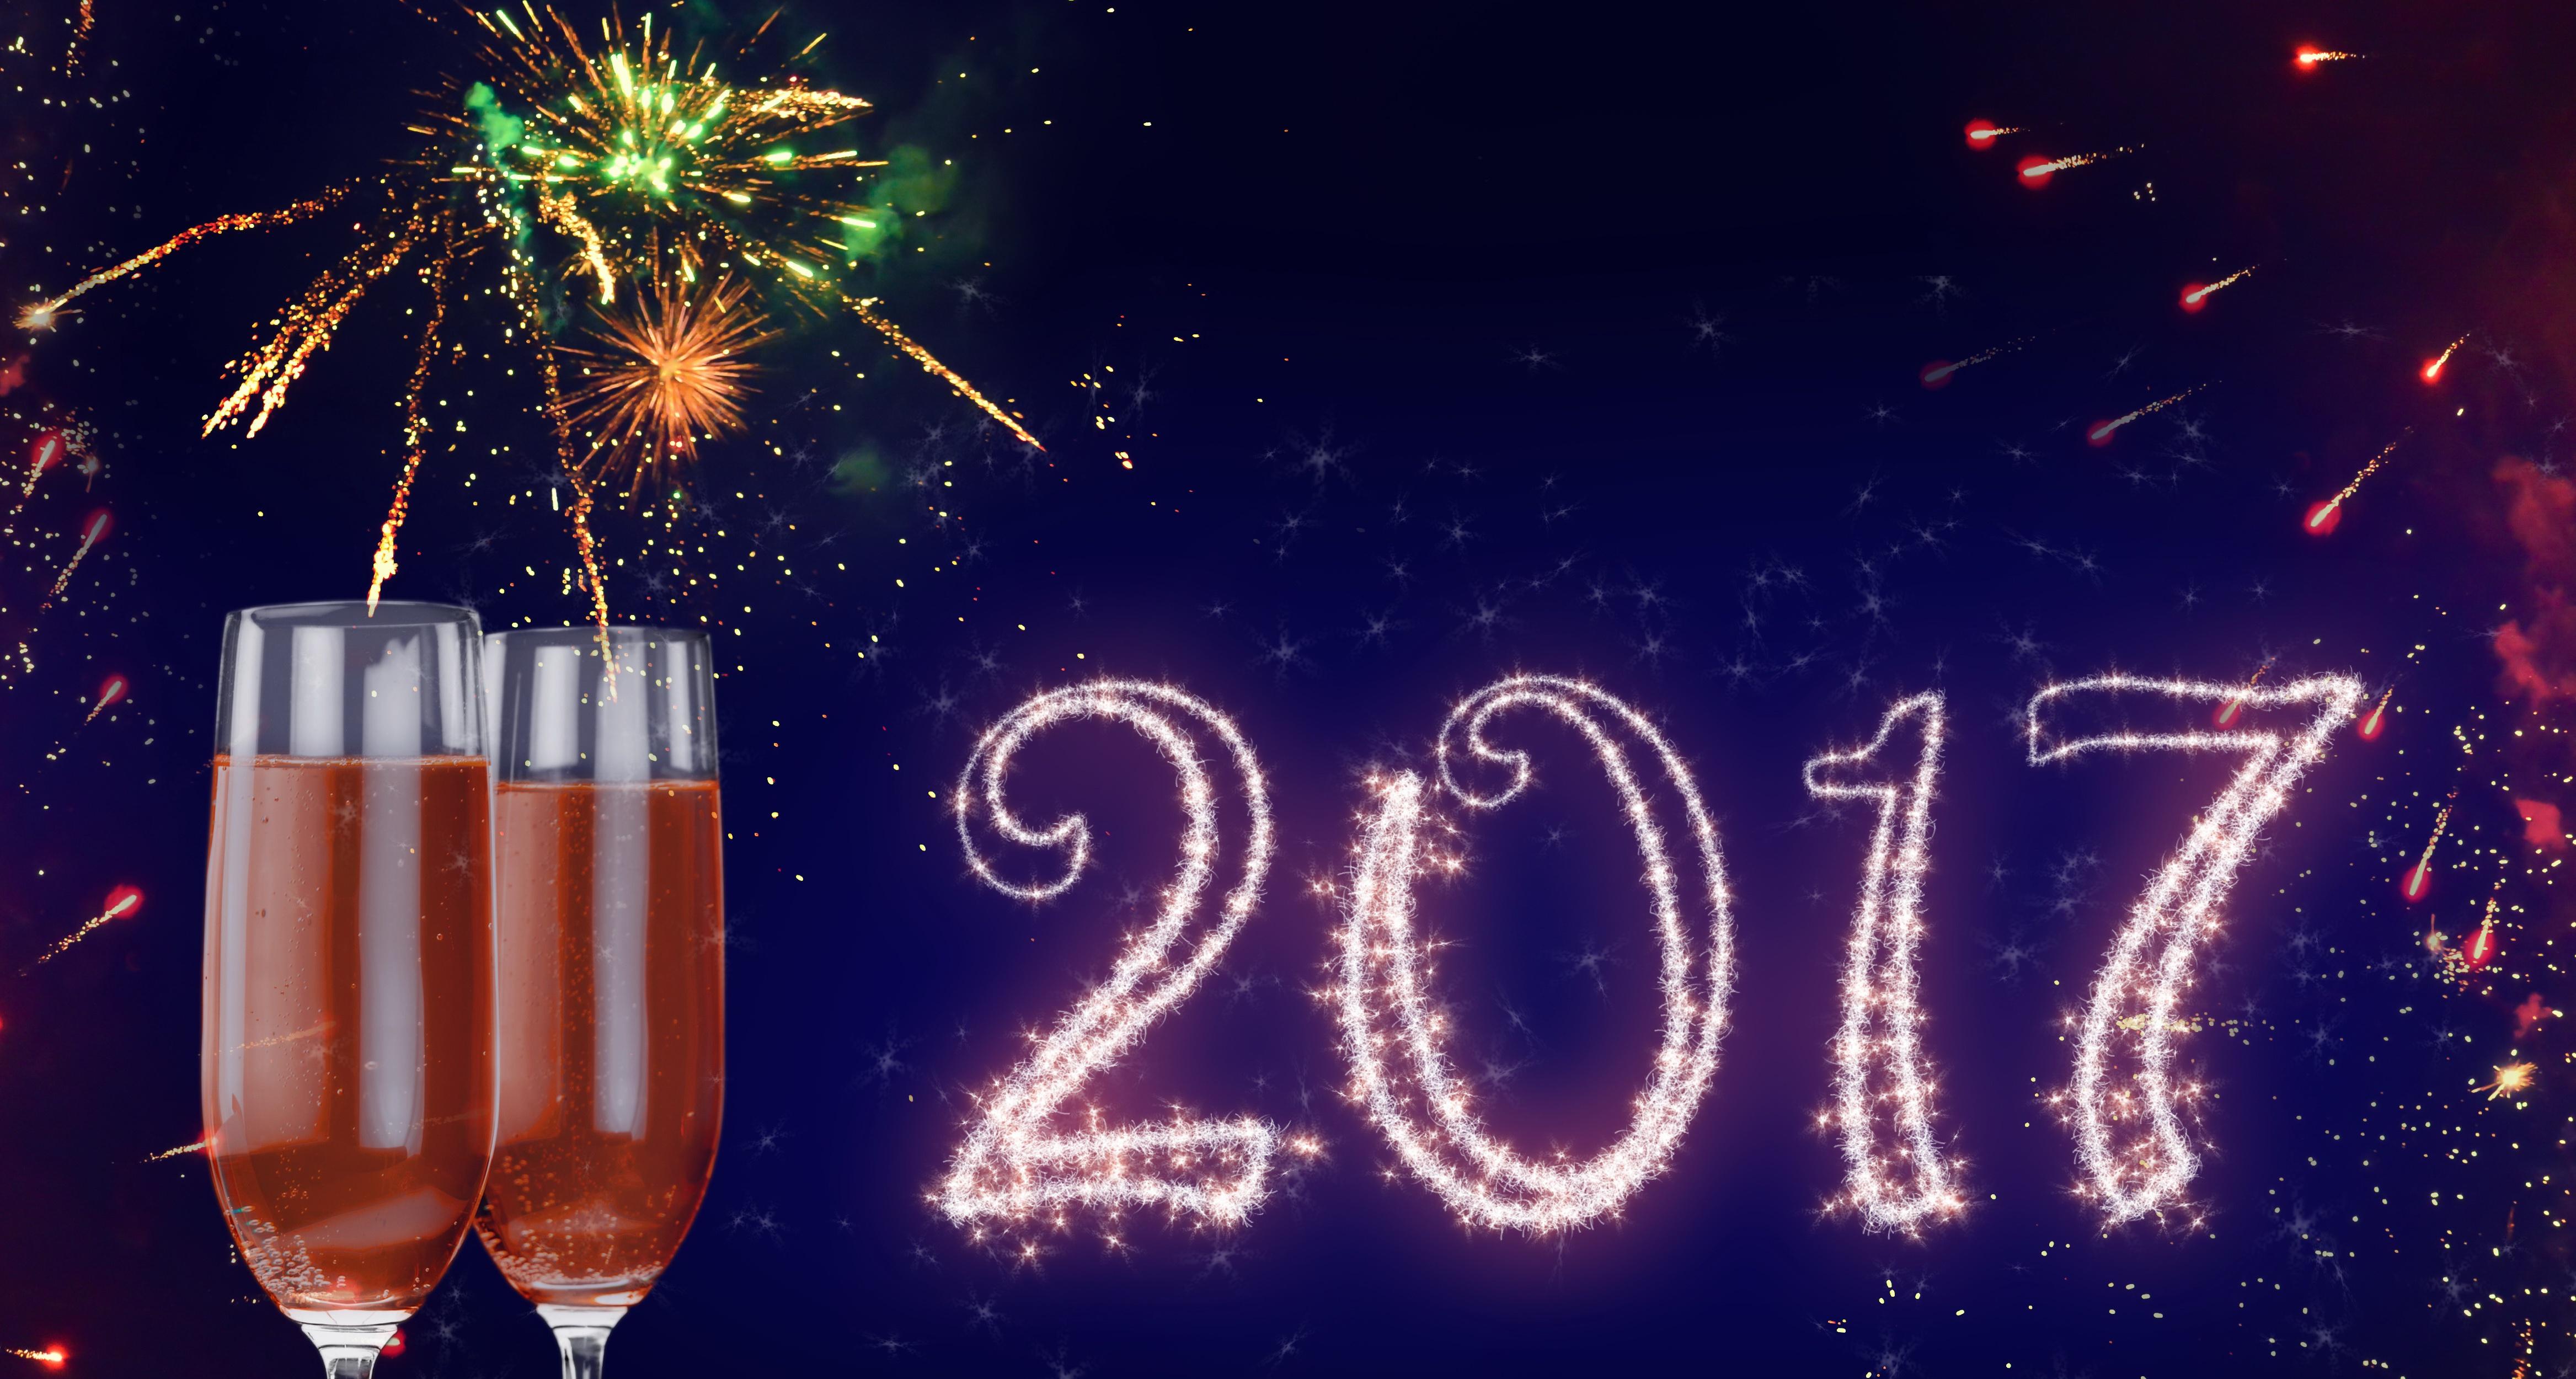 Картинка с надписью новый год 2017